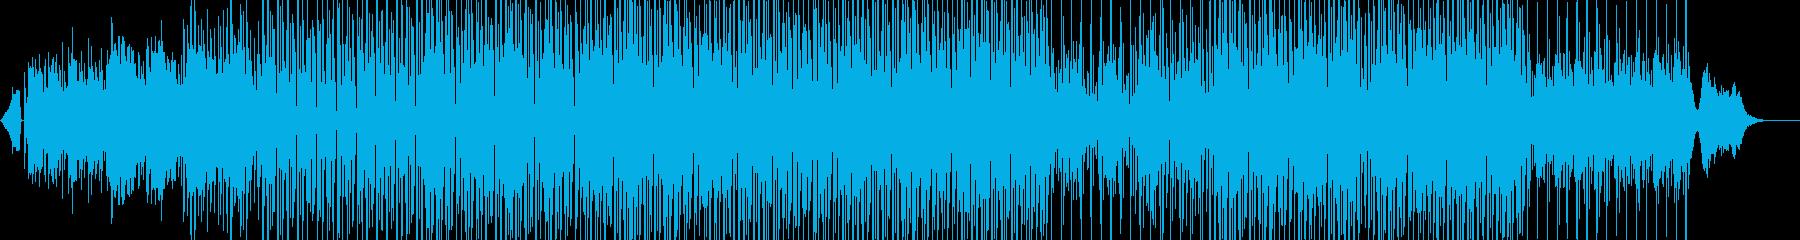 明るめ、淡々、爽やか、エレクトロPOPの再生済みの波形